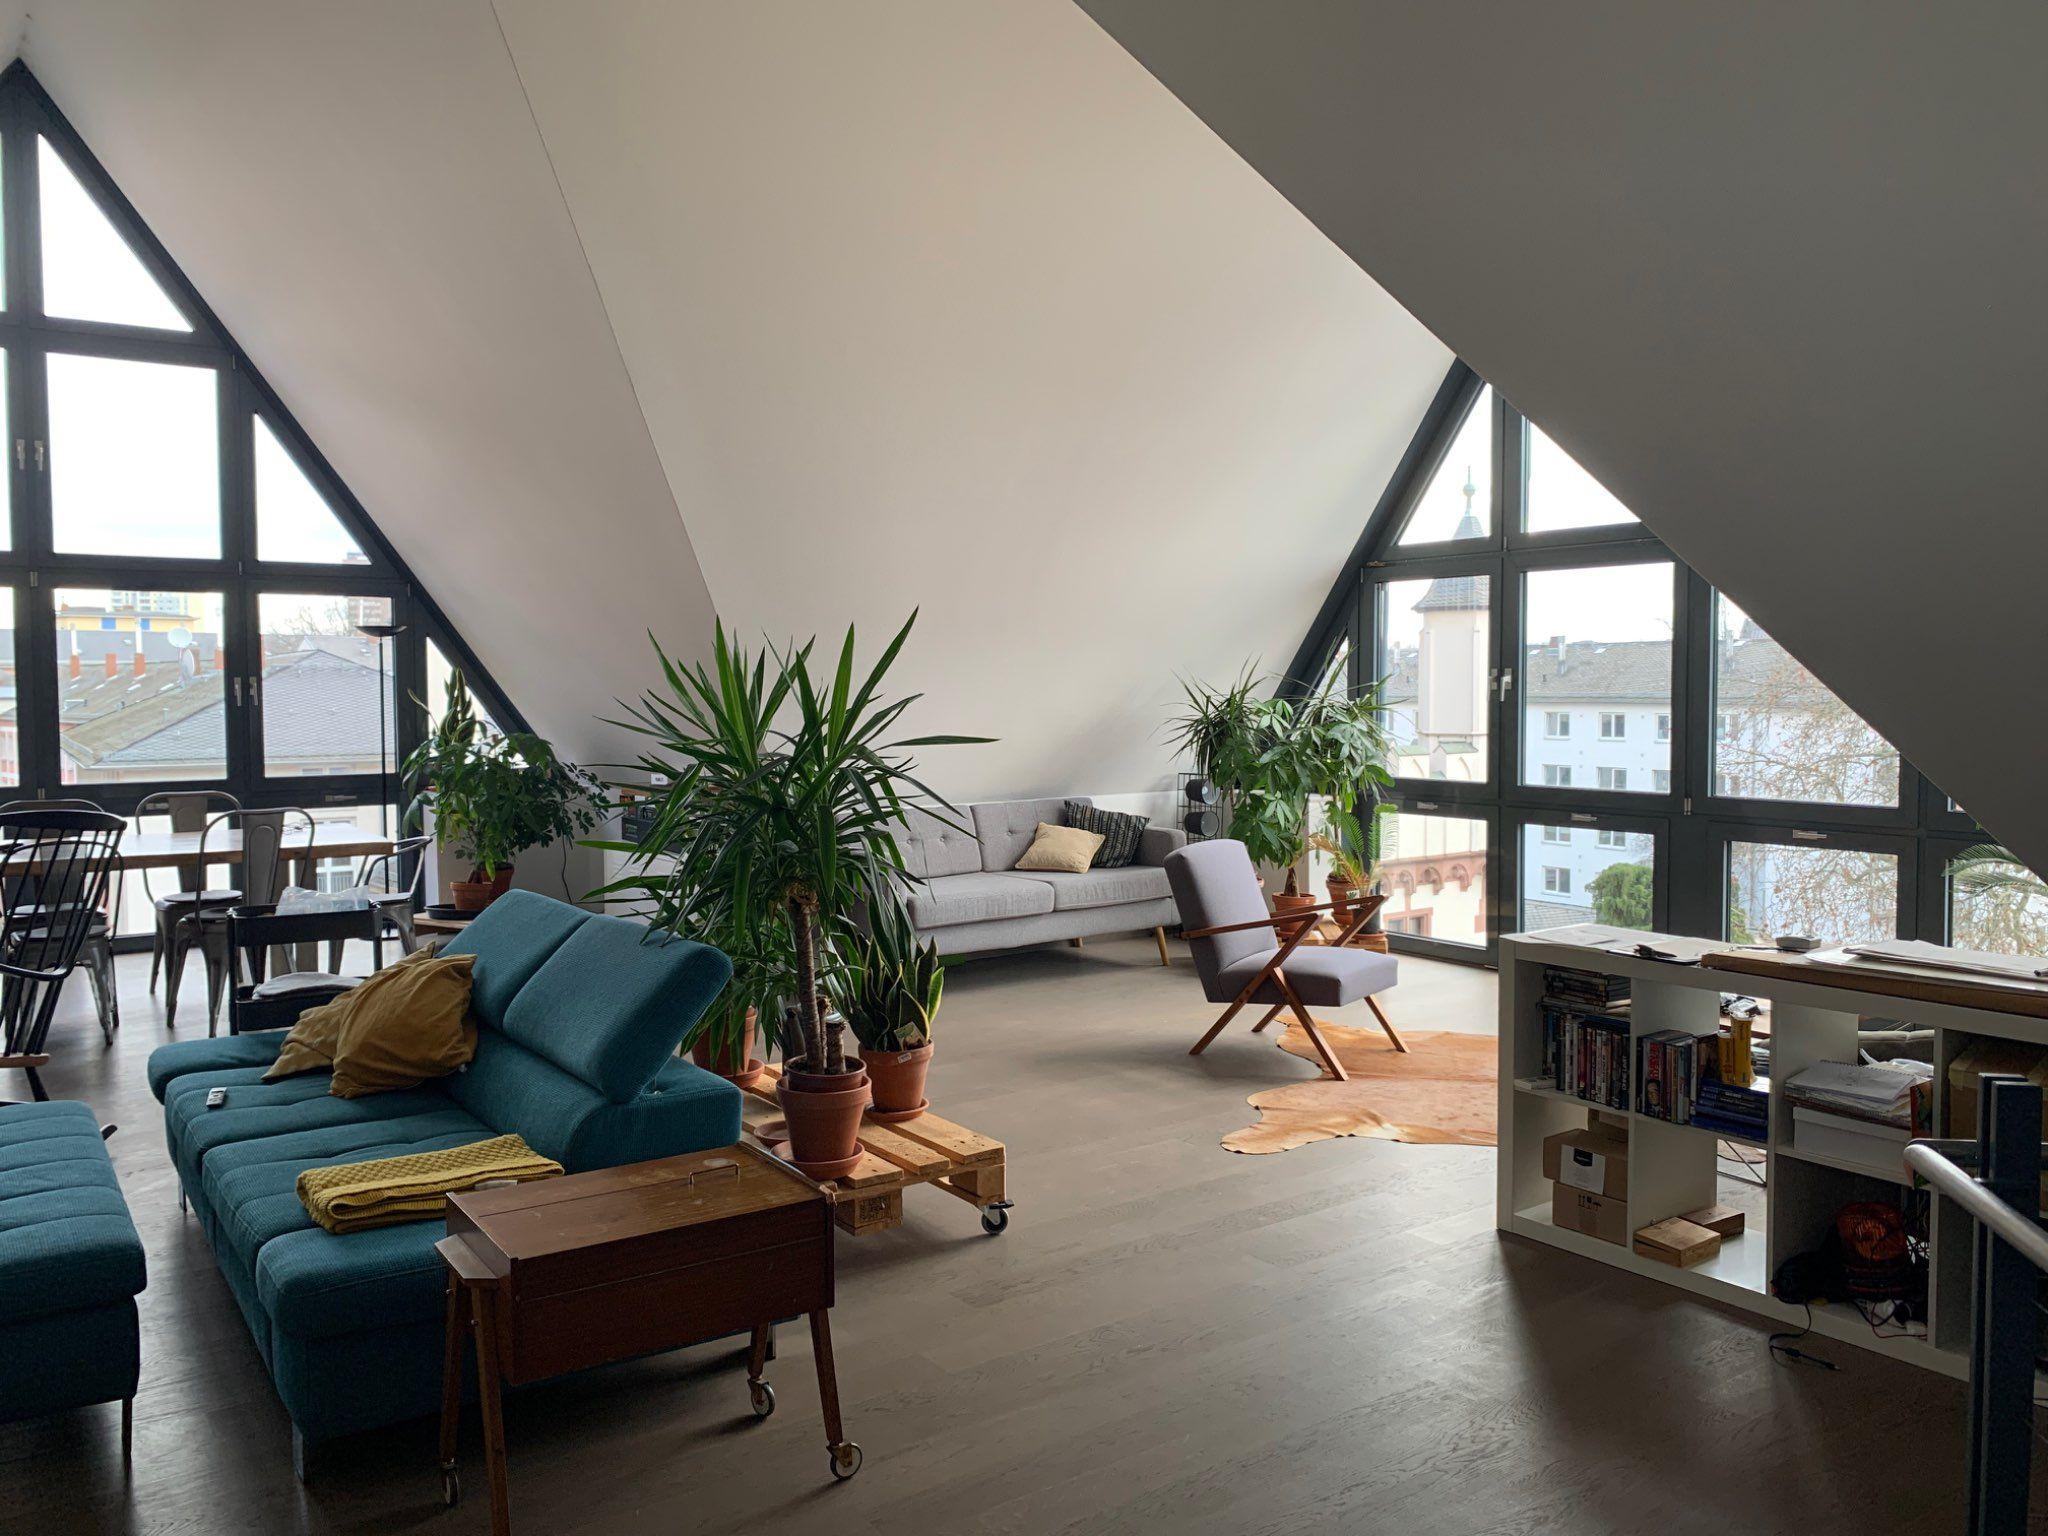 Offenes Wohnzimmer Im Modernen Design In 2020 Offenes Wohnzimmer Modernes Design Wohnzimmer